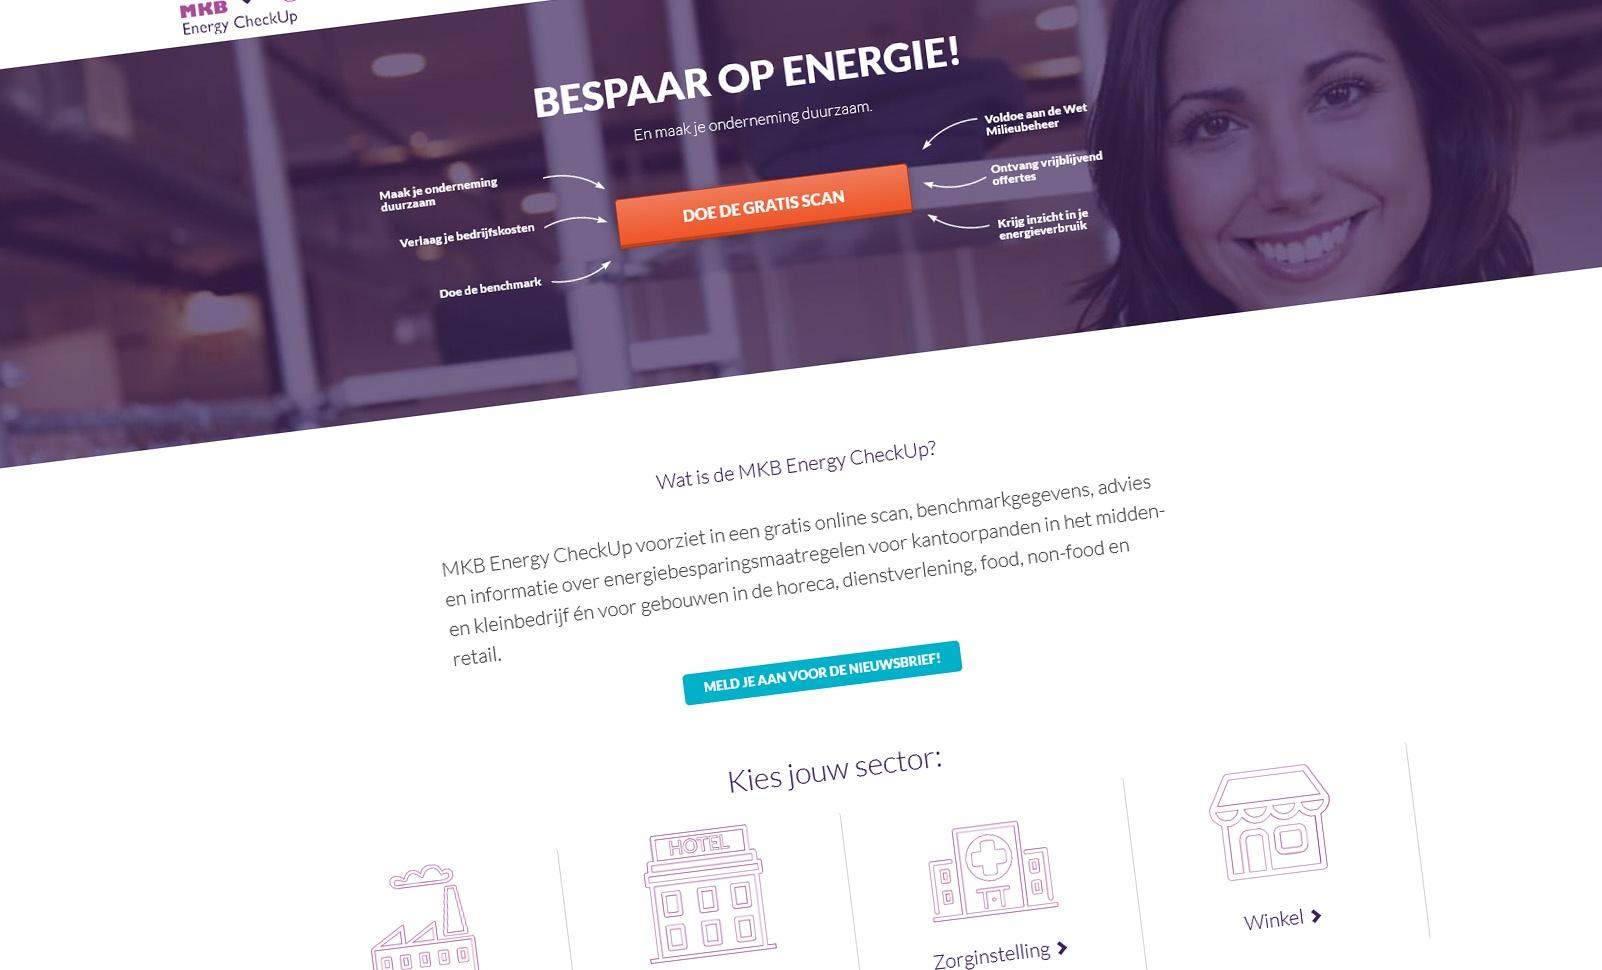 Voor kleinere bedrijven: De MKB Energy Checkup